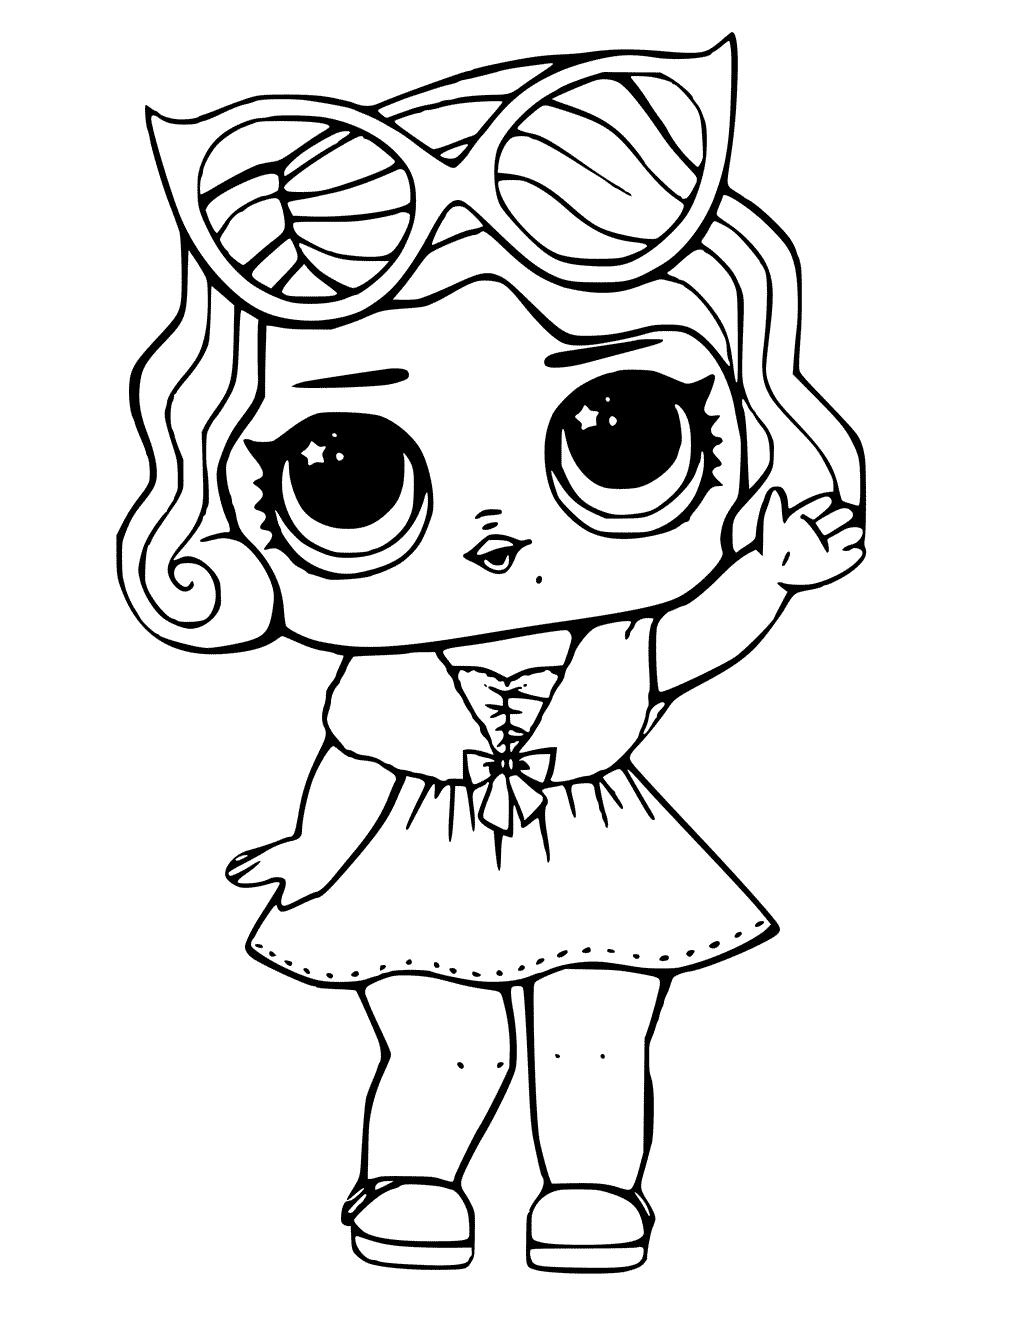 Desenhos para colorir da boneca